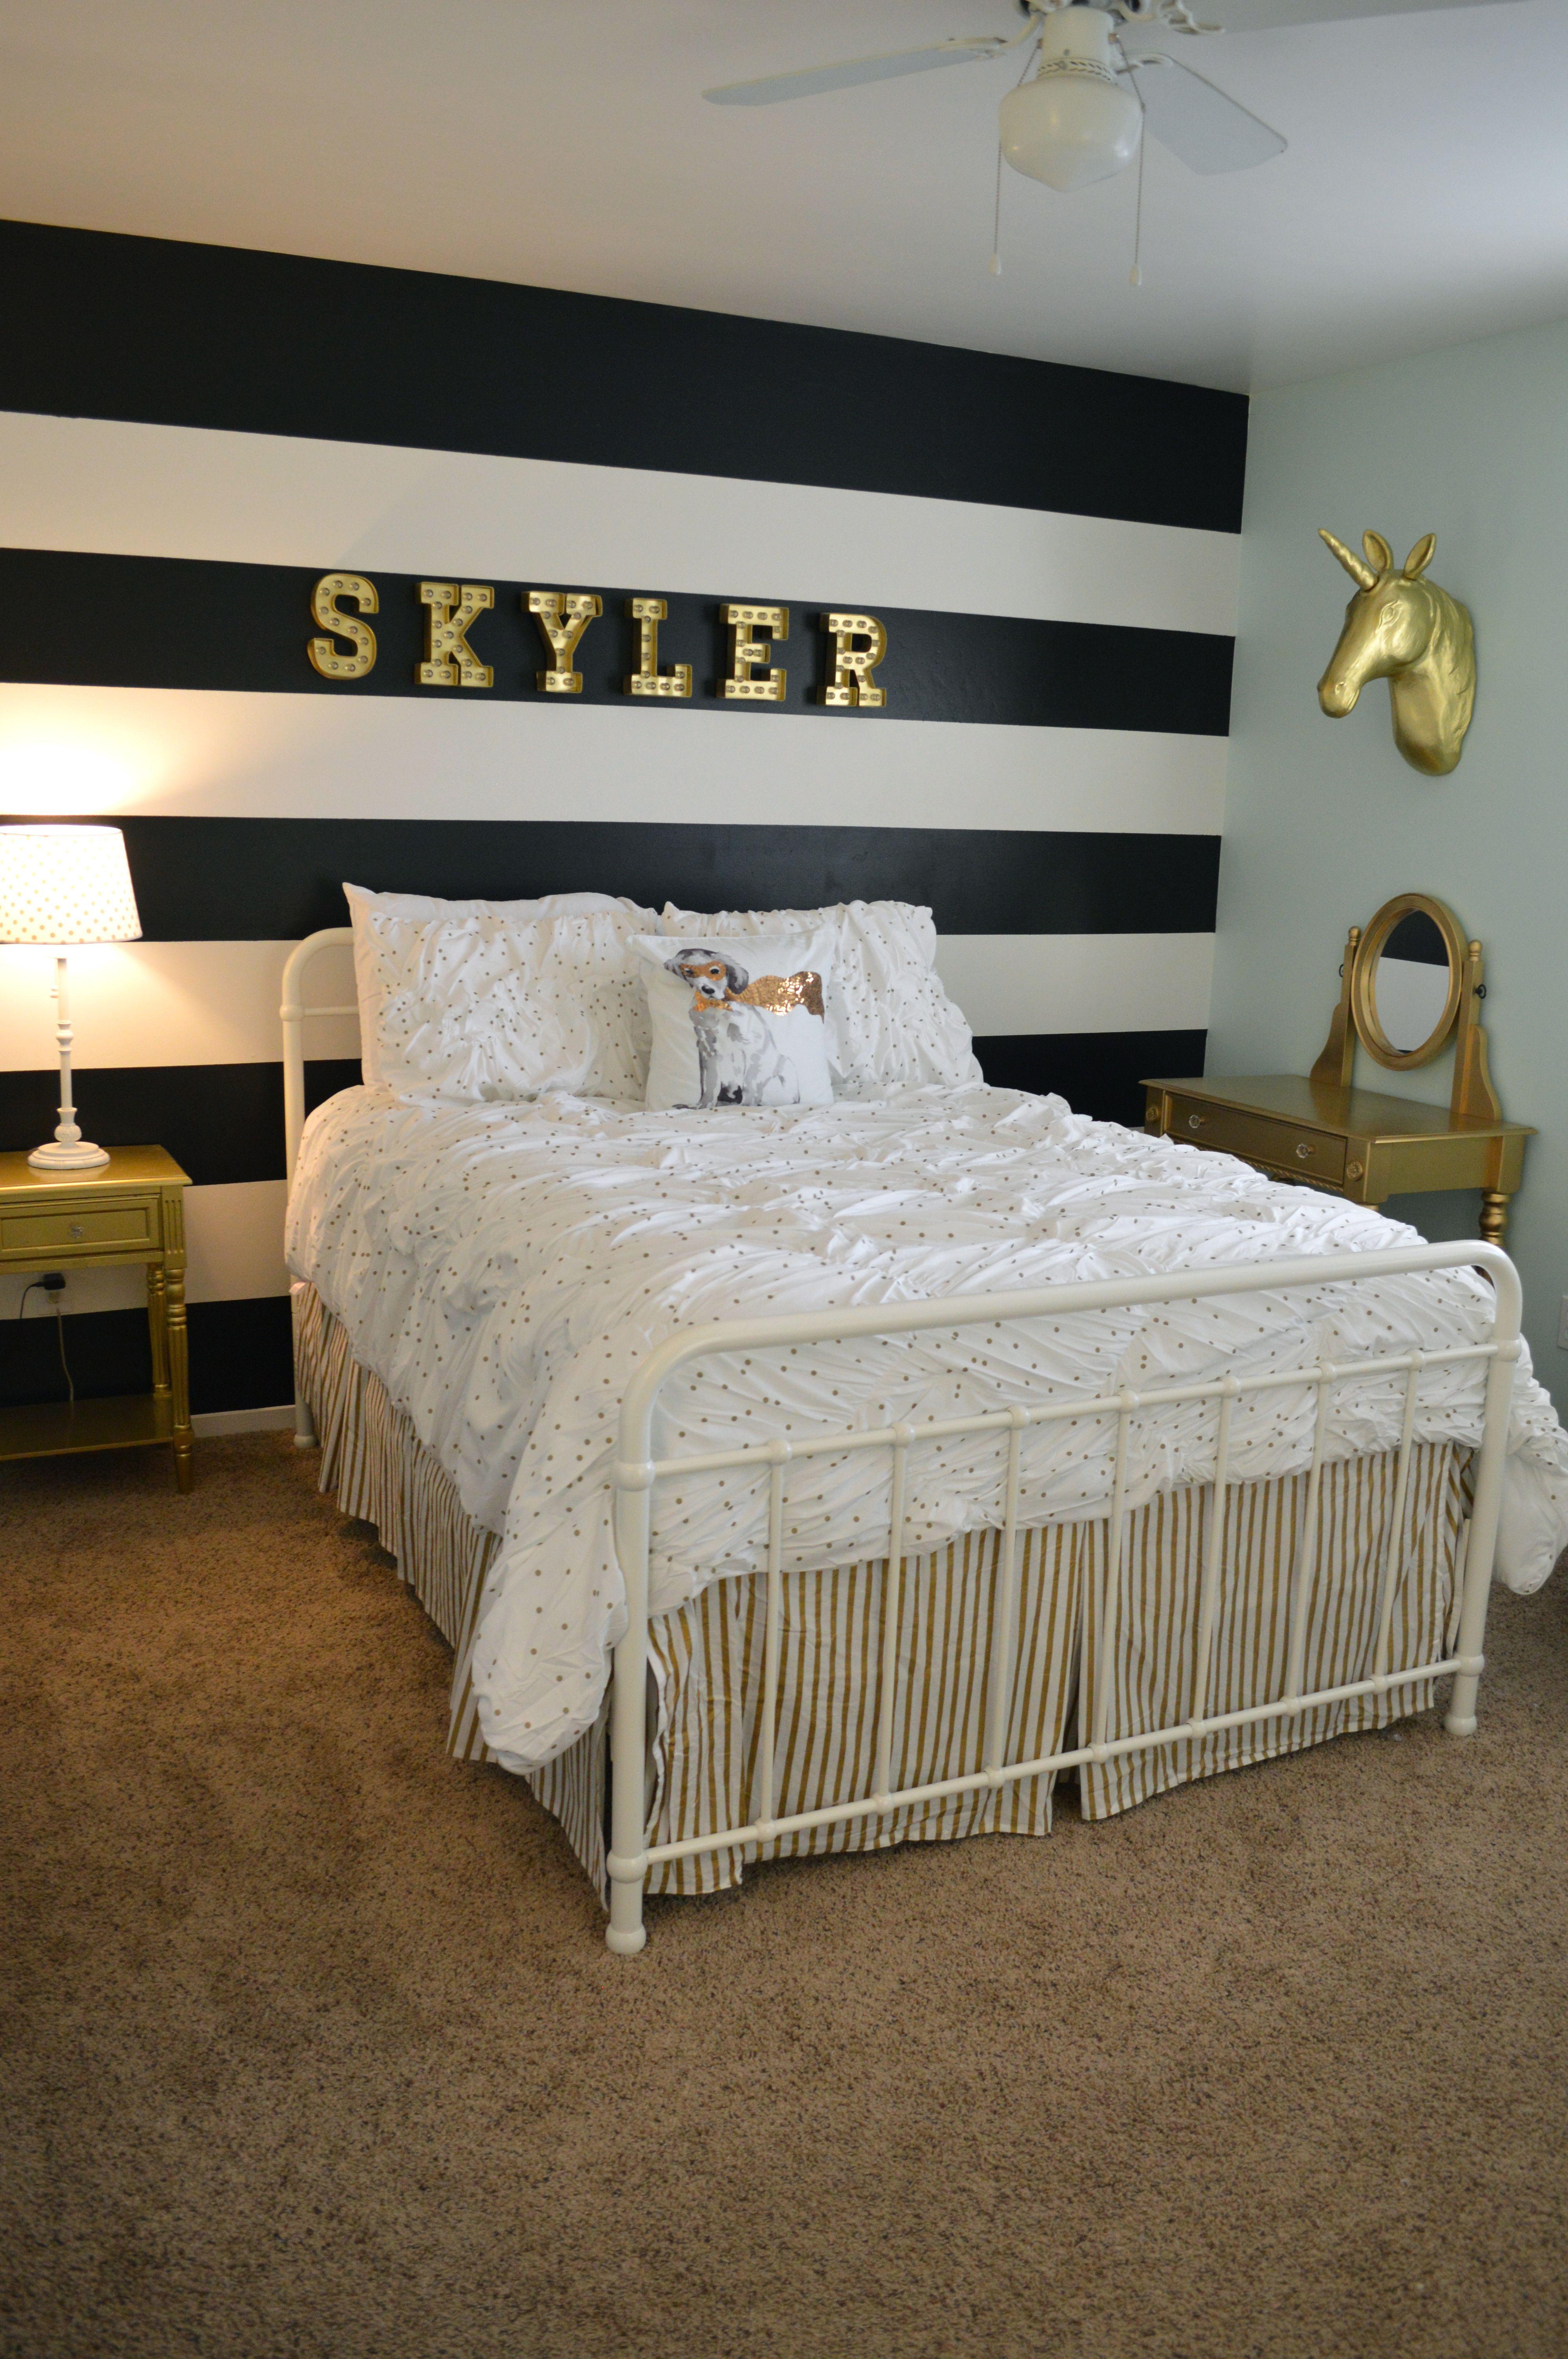 Camera Da Letto Bianca E Nera 32 photos of striped bedroom ideas design | idee per la